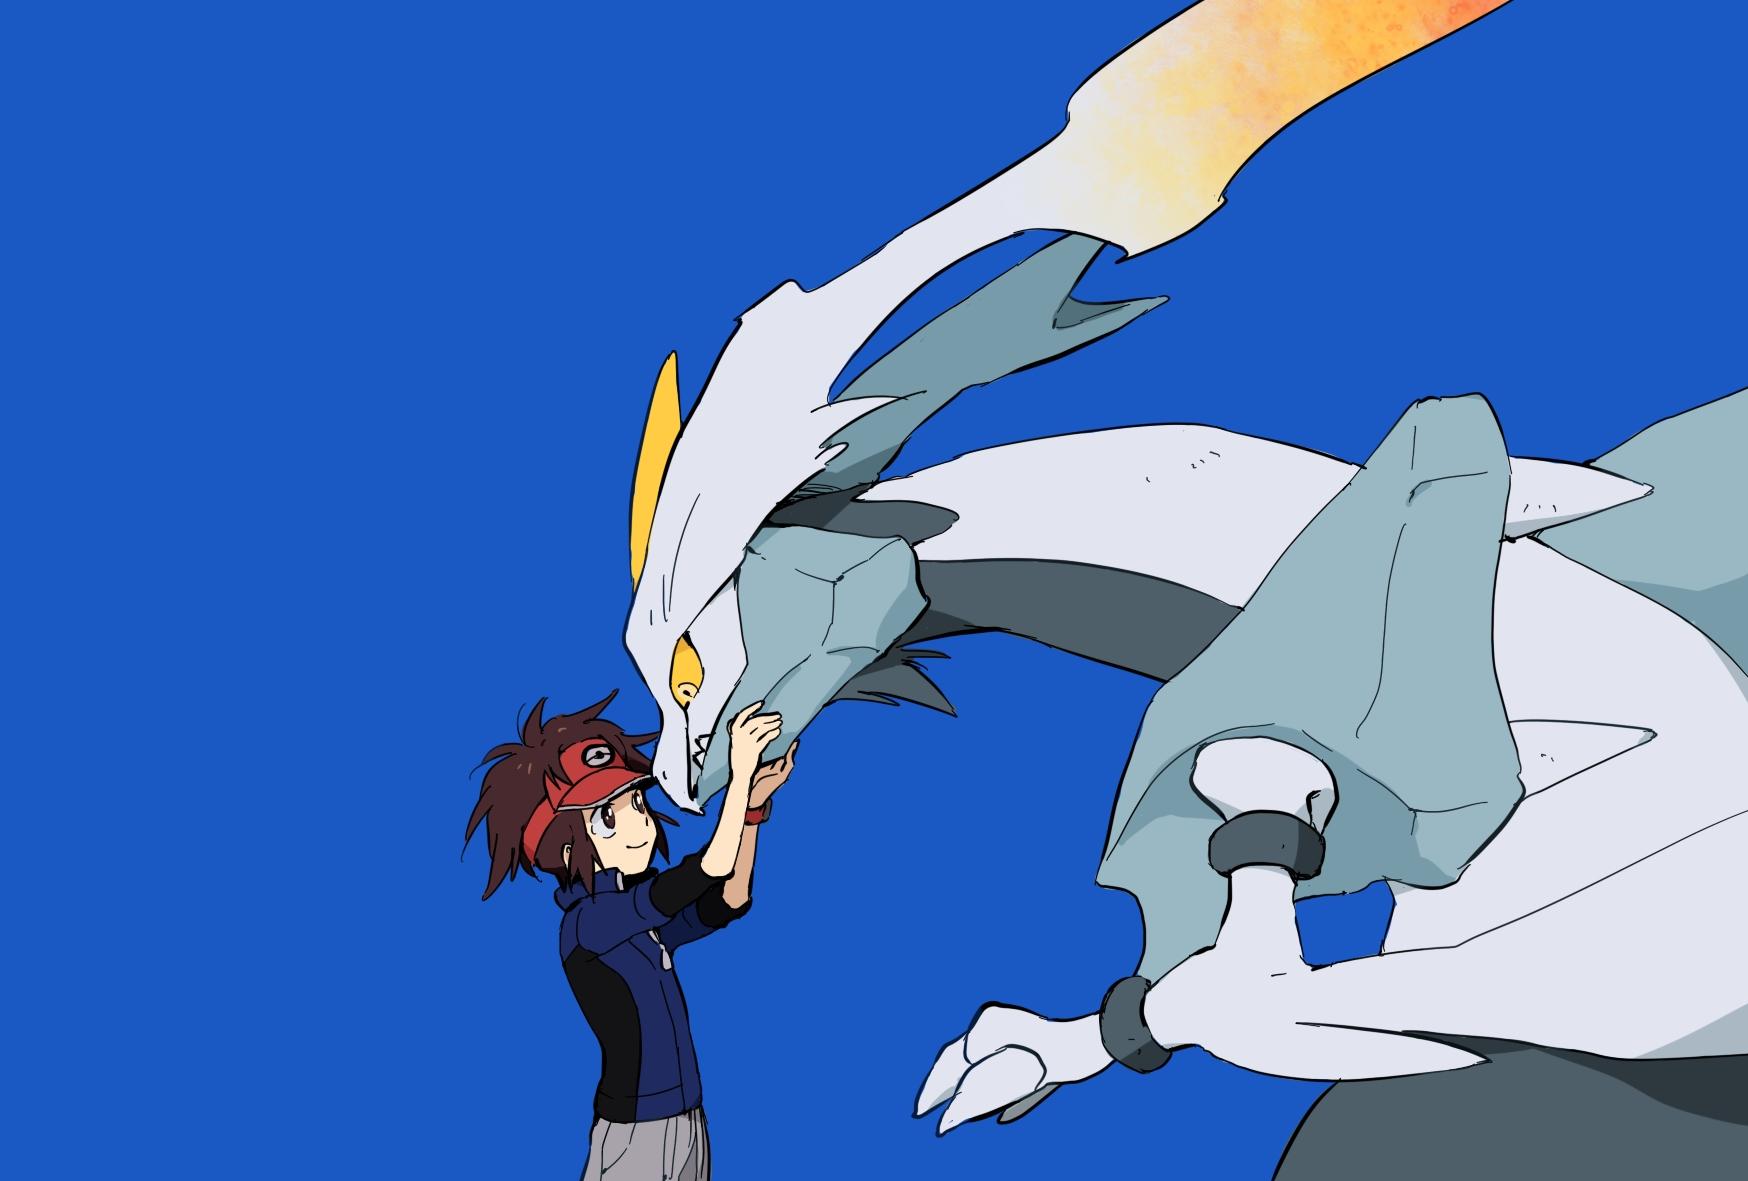 white kyurem pokémon zerochan anime image board